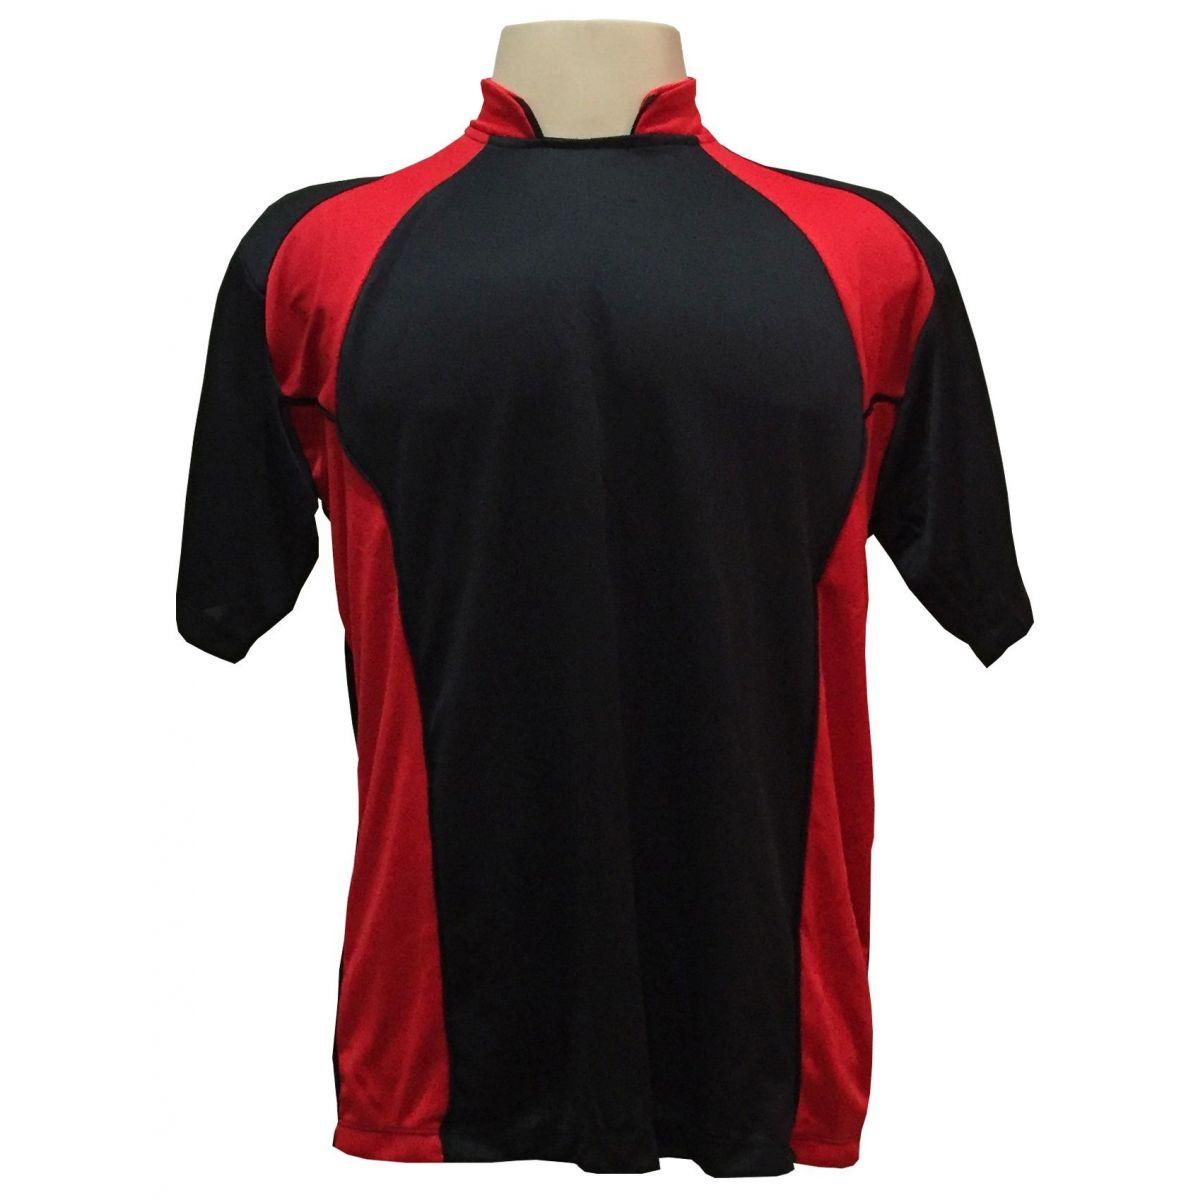 Uniforme Esportivo com 14 camisas modelo Suécia Preto/Vermelho + 14 calções modelo Copa + 1 Goleiro + Brindes